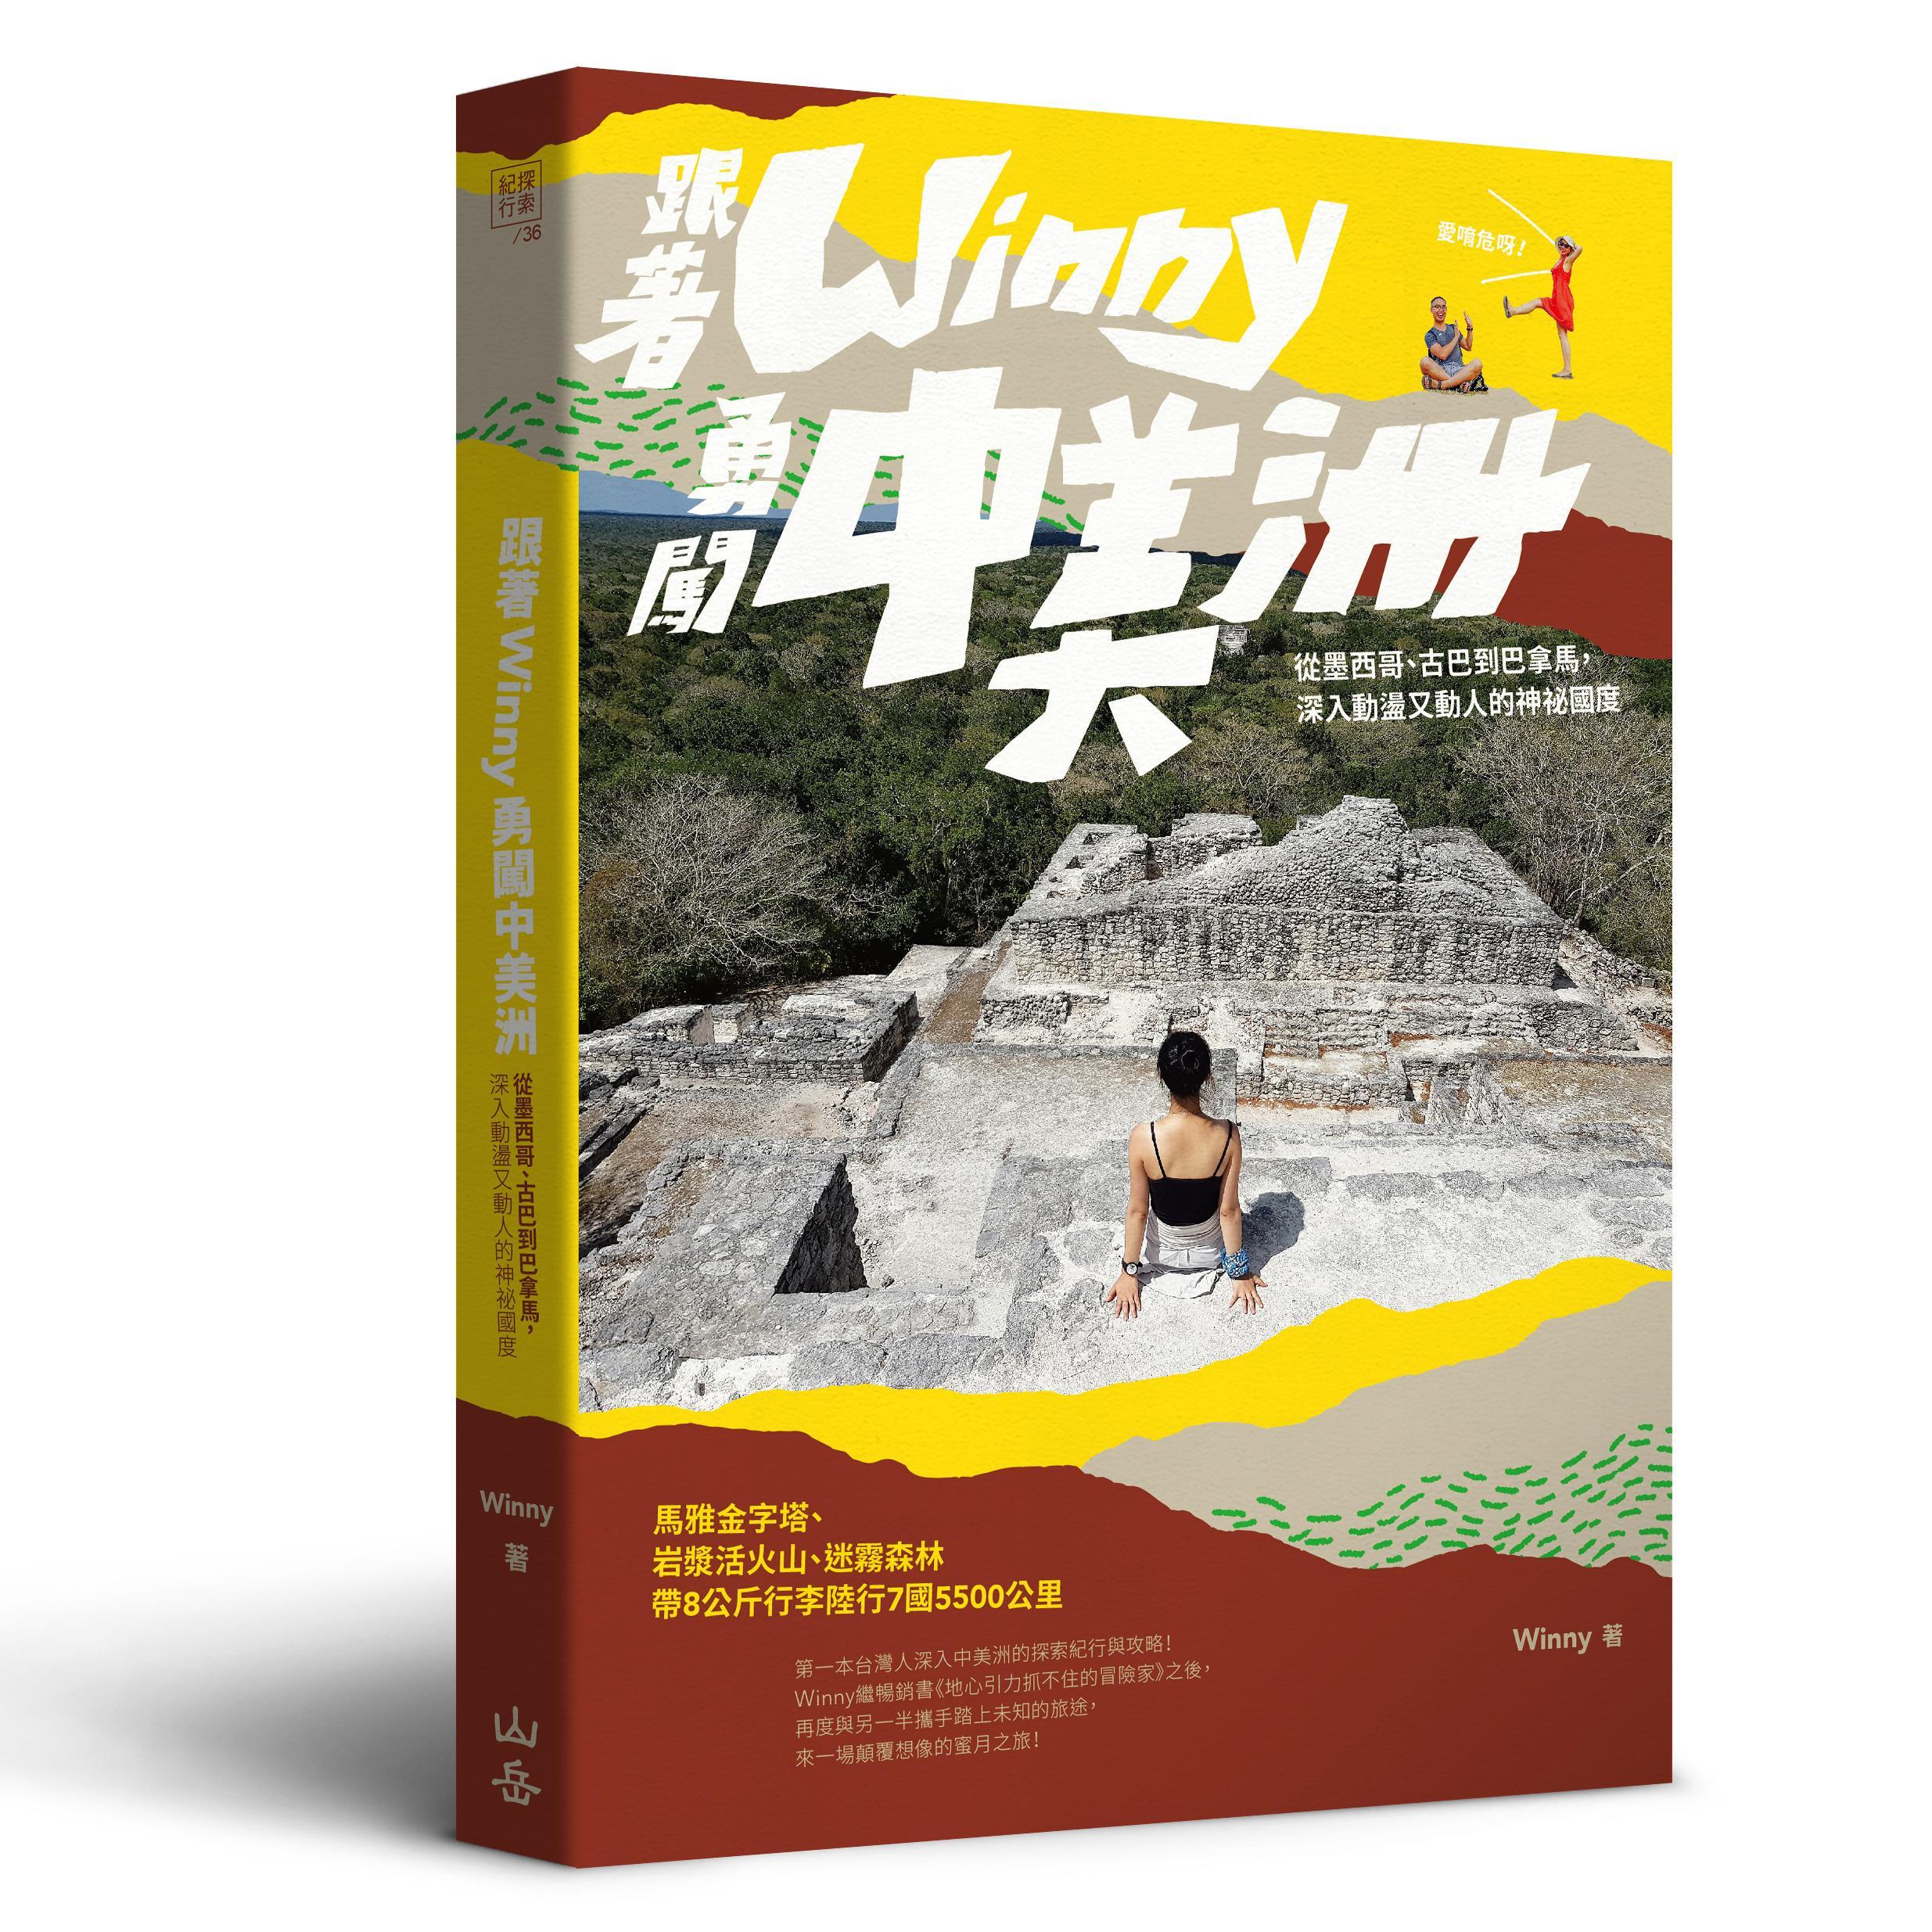 想環遊世界嗎?快點入購買 Winny 新書!